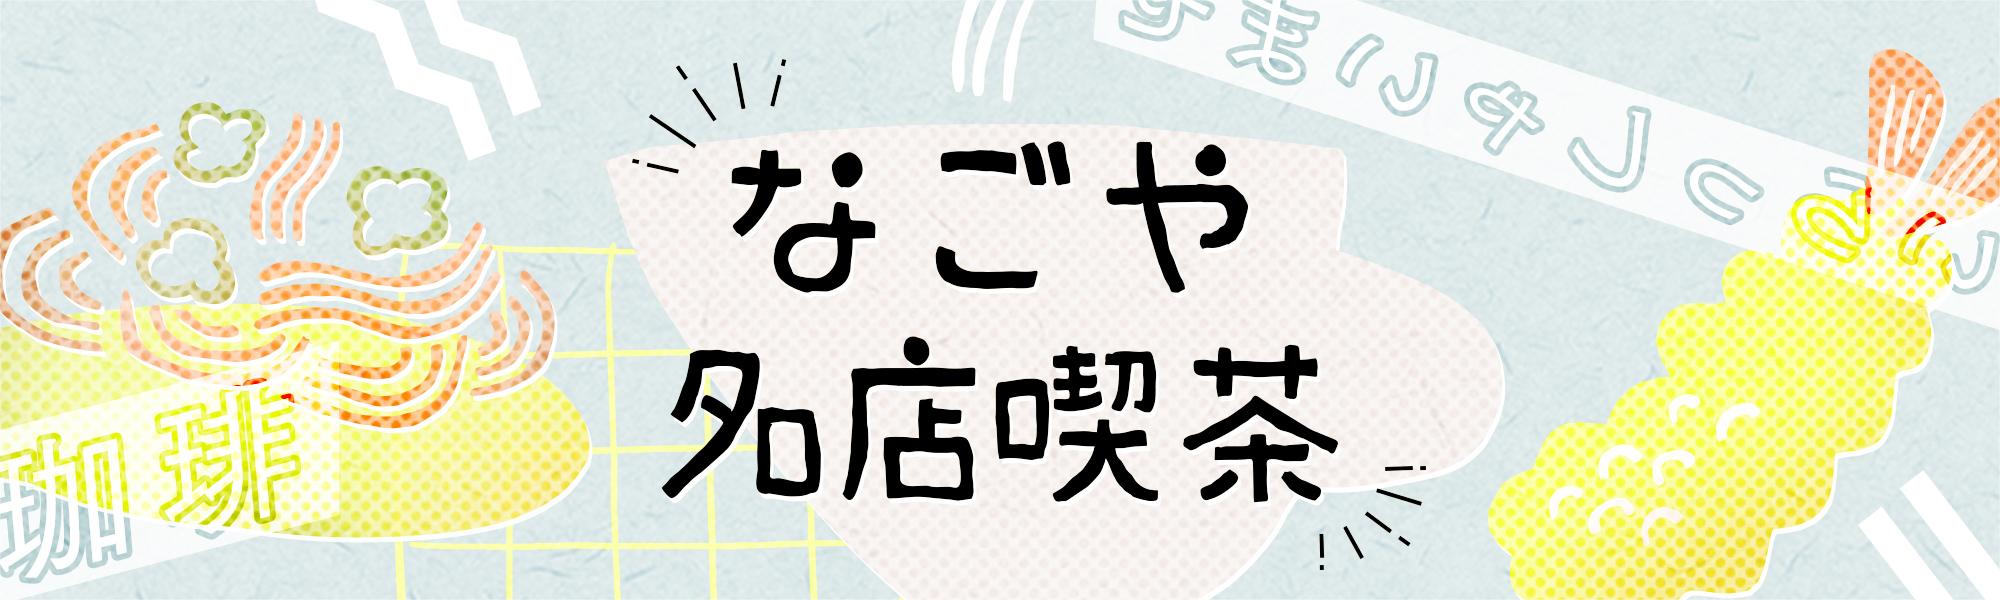 シンプルだからこそ、カレー本来の味わいが楽しめる。名古屋のカレーなら「珈琲 門」 - img bnr